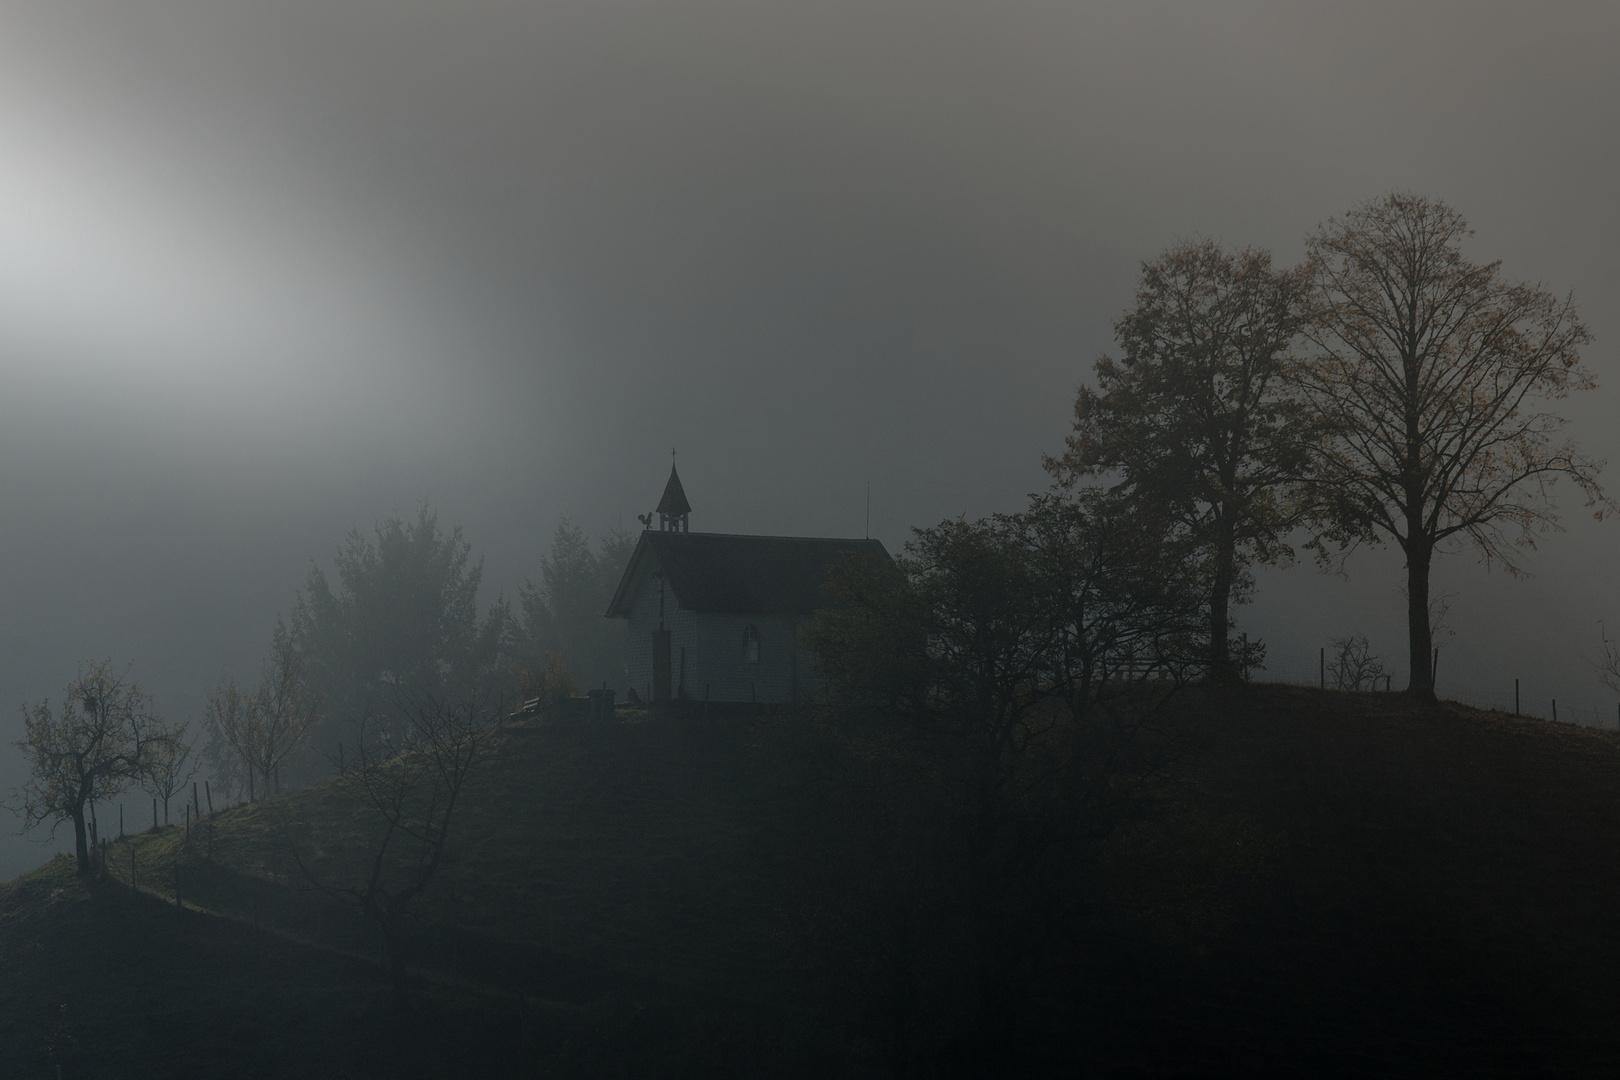 Nebel um die Kopfkrainkapelle in Simonswald